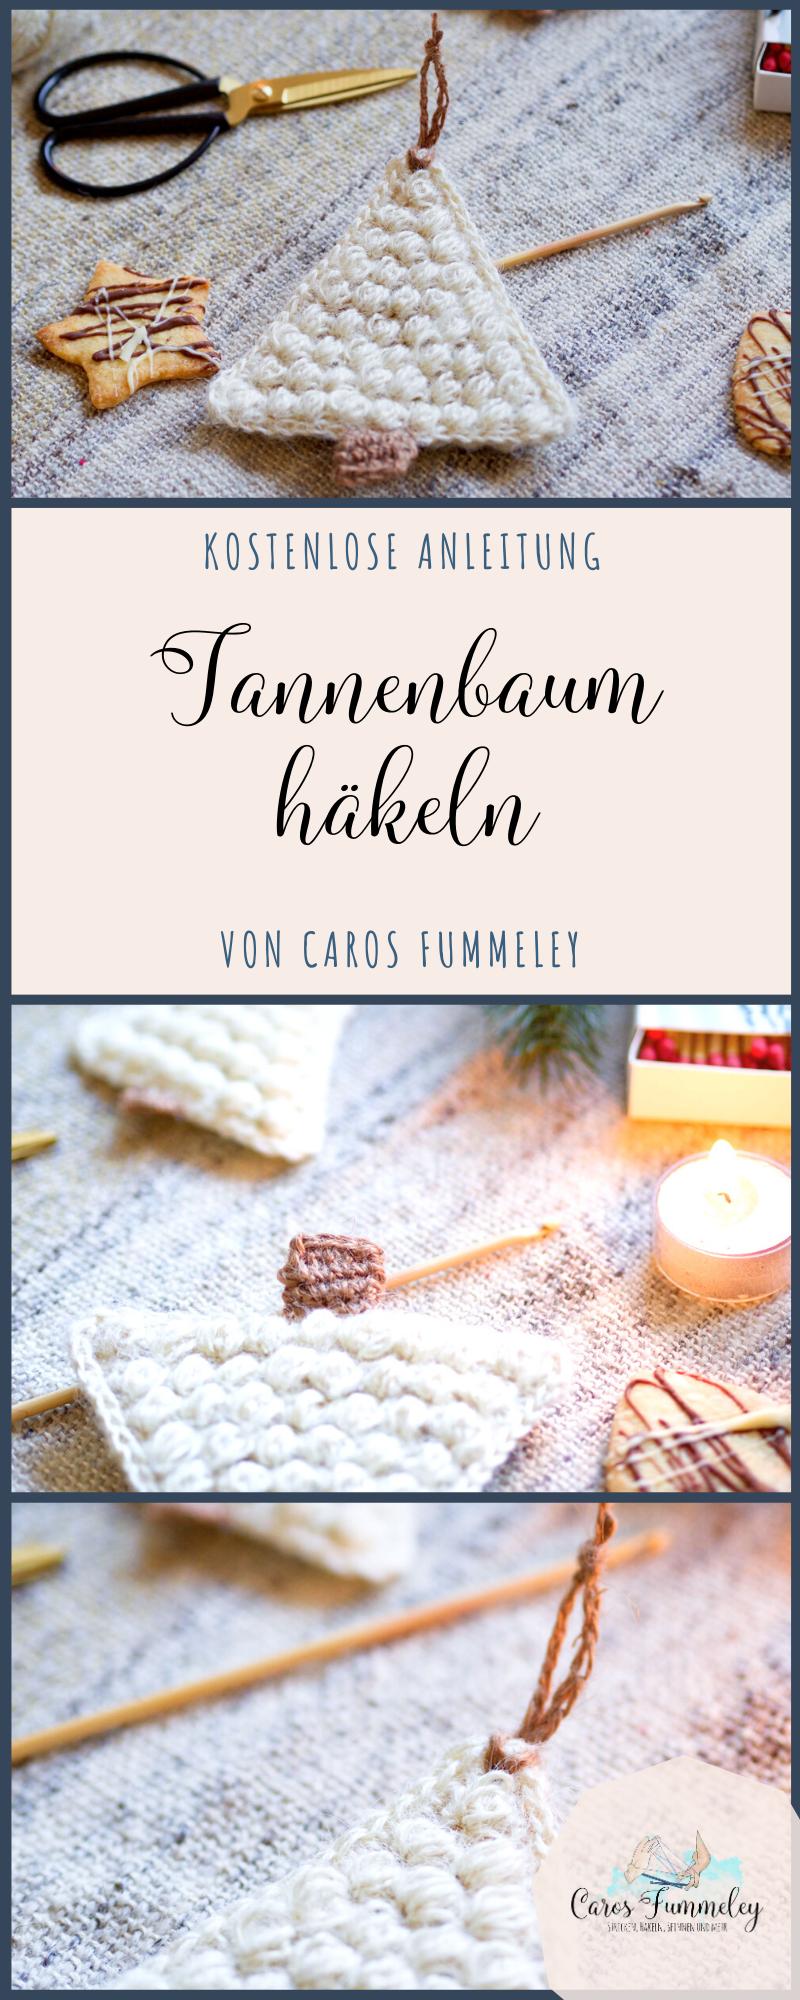 Tannenbaum häkeln - Freebie #adventskranzideenkinder